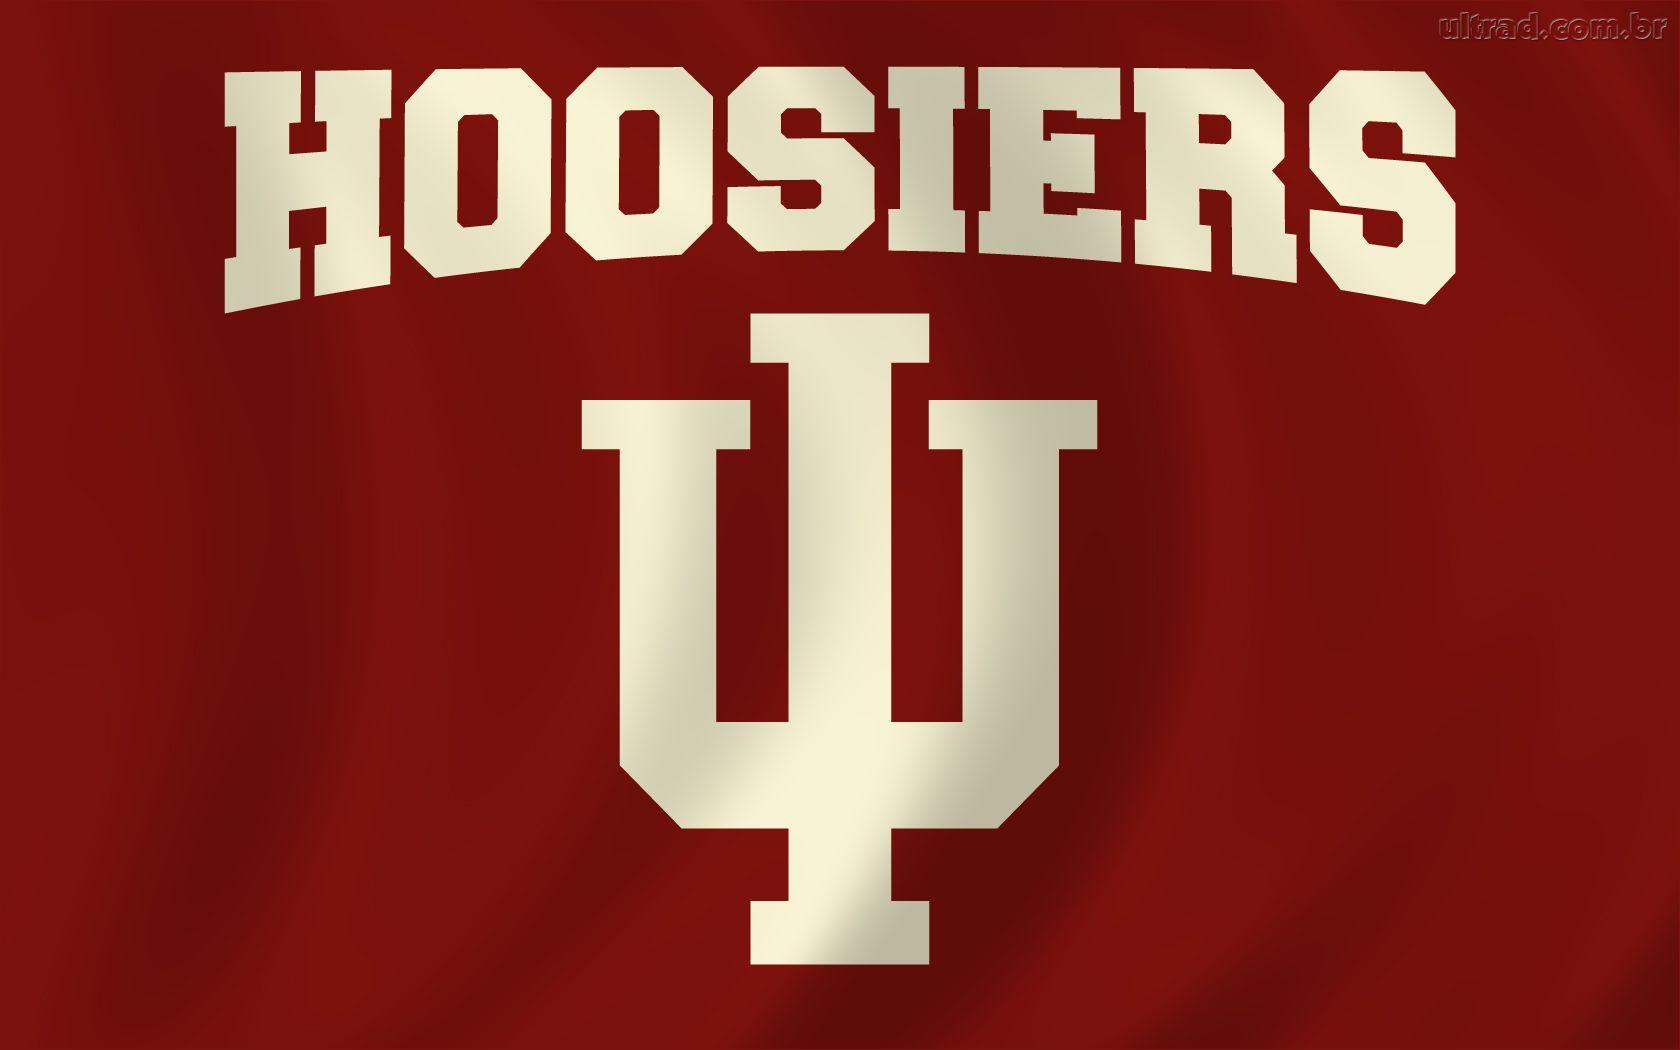 Indiana hoosiers wallpaper wallpapersafari - Iu basketball wallpaper ...